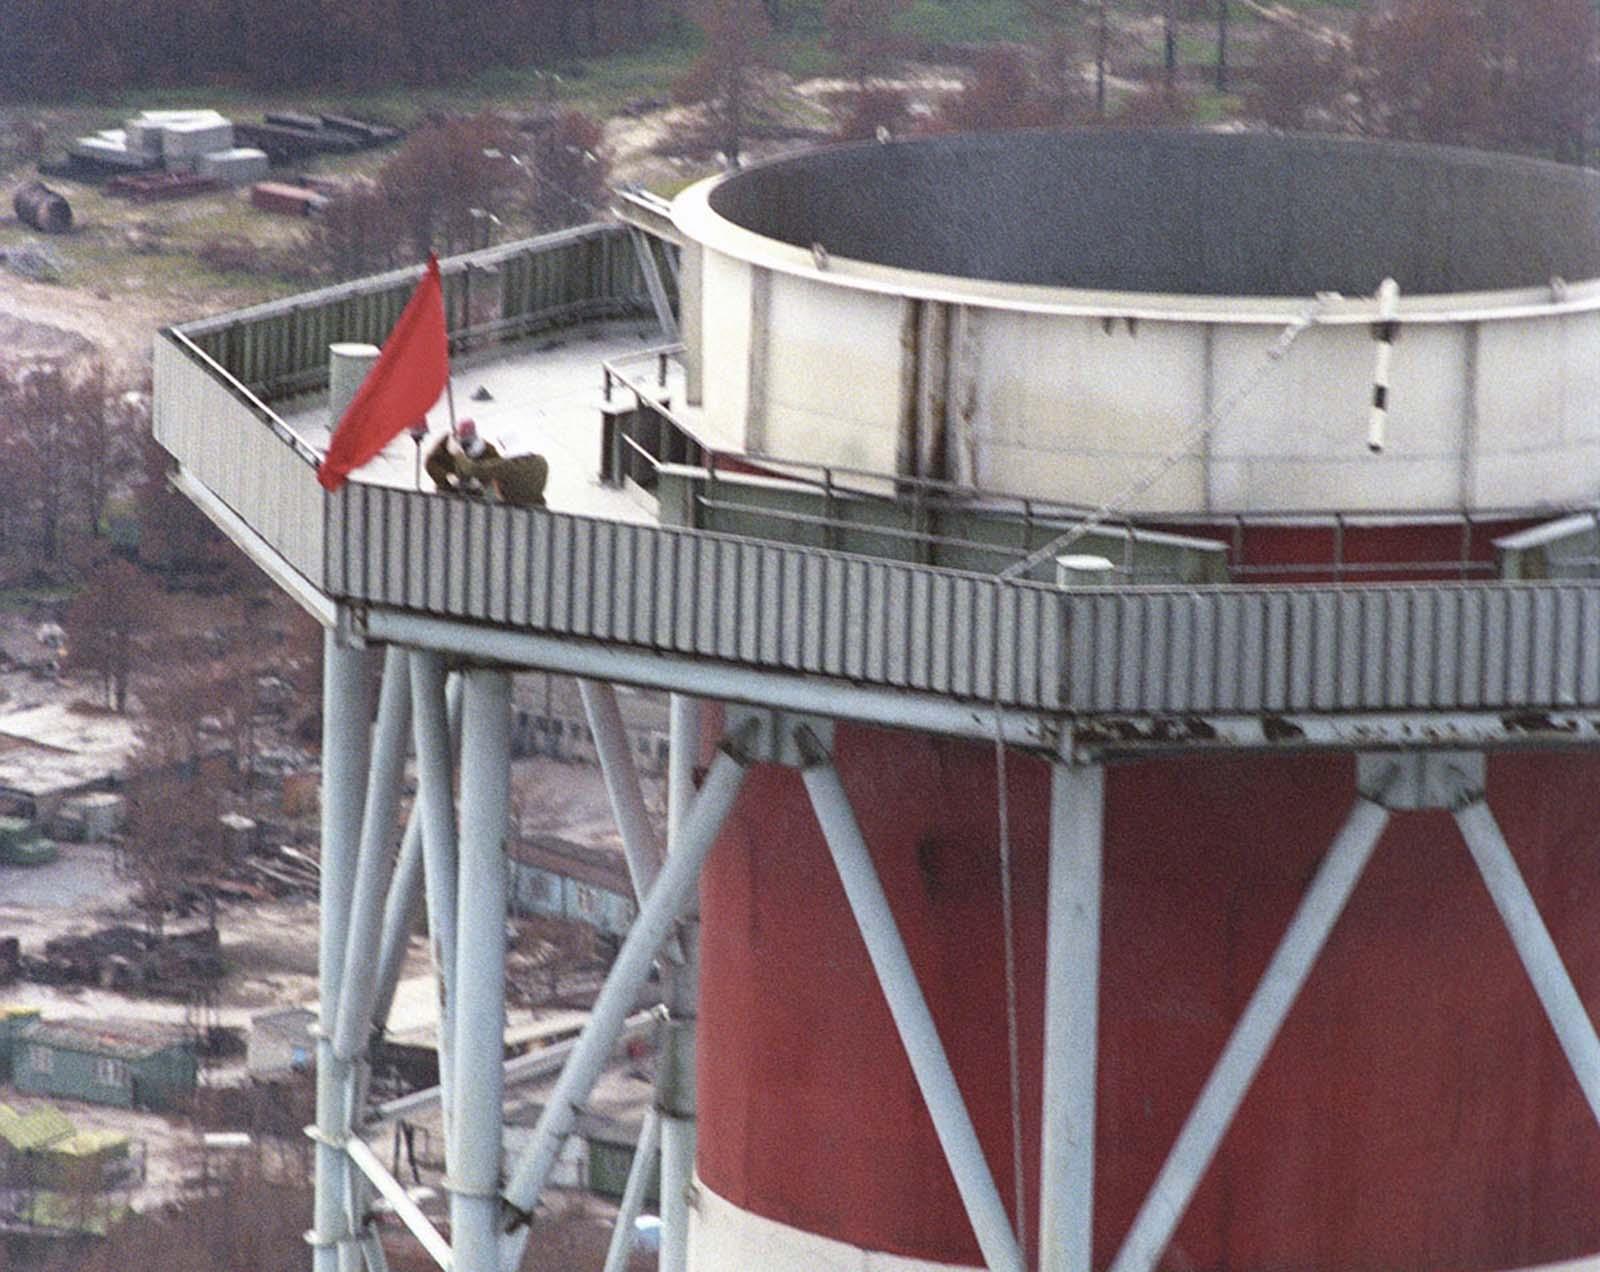 Siguiendo las órdenes emitidas por las autoridades soviéticas para marcar el final de las operaciones de limpieza en el techo del reactor N ° 3, se pidió a tres hombres que pusieran una bandera roja en la parte superior de la chimenea que daba al reactor destruido, que se alcanzó al subir 78 metros por una escalera de caracol. Los portadores de la bandera fueron enviados a pesar de los peligros planteados por la fuerte radiación, y después de que un grupo de liquidadores ya había realizado dos intentos fallidos en helicóptero. El experto en radiación Alexander Yourtchenko llevó la vara, seguido por Valéri Starodoumov con la bandera y el teniente coronel Alexander Sotnikov con la radio. Toda la operación se programó para durar solo 9 minutos, dados los altos niveles de radiación. Al final, el trío fue recompensado con una botella de Pepsi (un lujo en 1986) y un día libre.